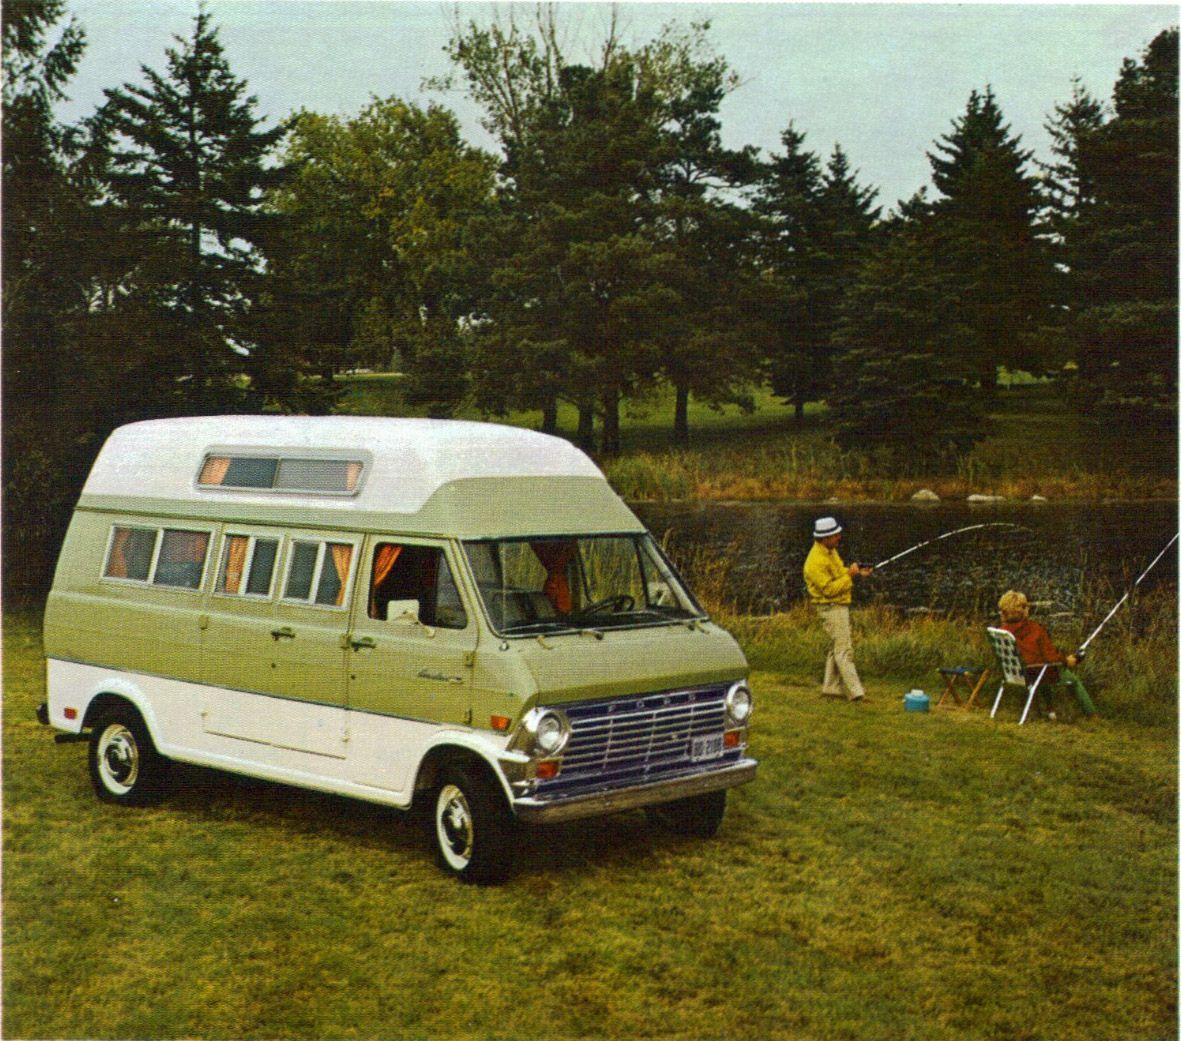 Van Clubs Of The 70s 1969 Ford Econoline Camper Vannin 1980 Dodge